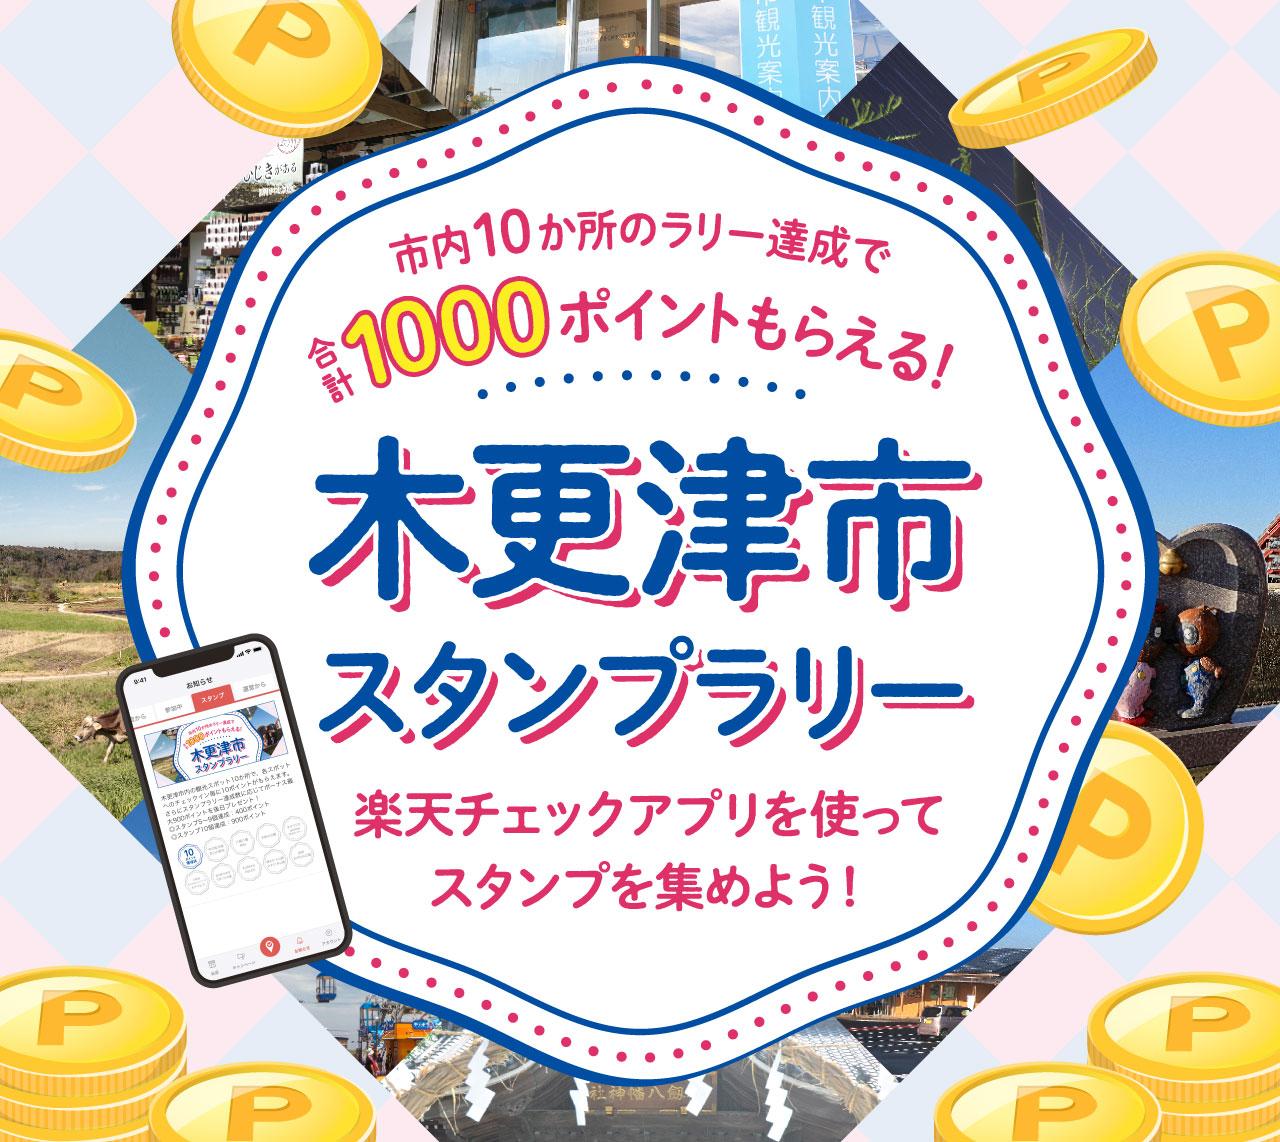 楽天チェックで木更津市10箇所ラリーで1000ポイントが貰える。~1/31。